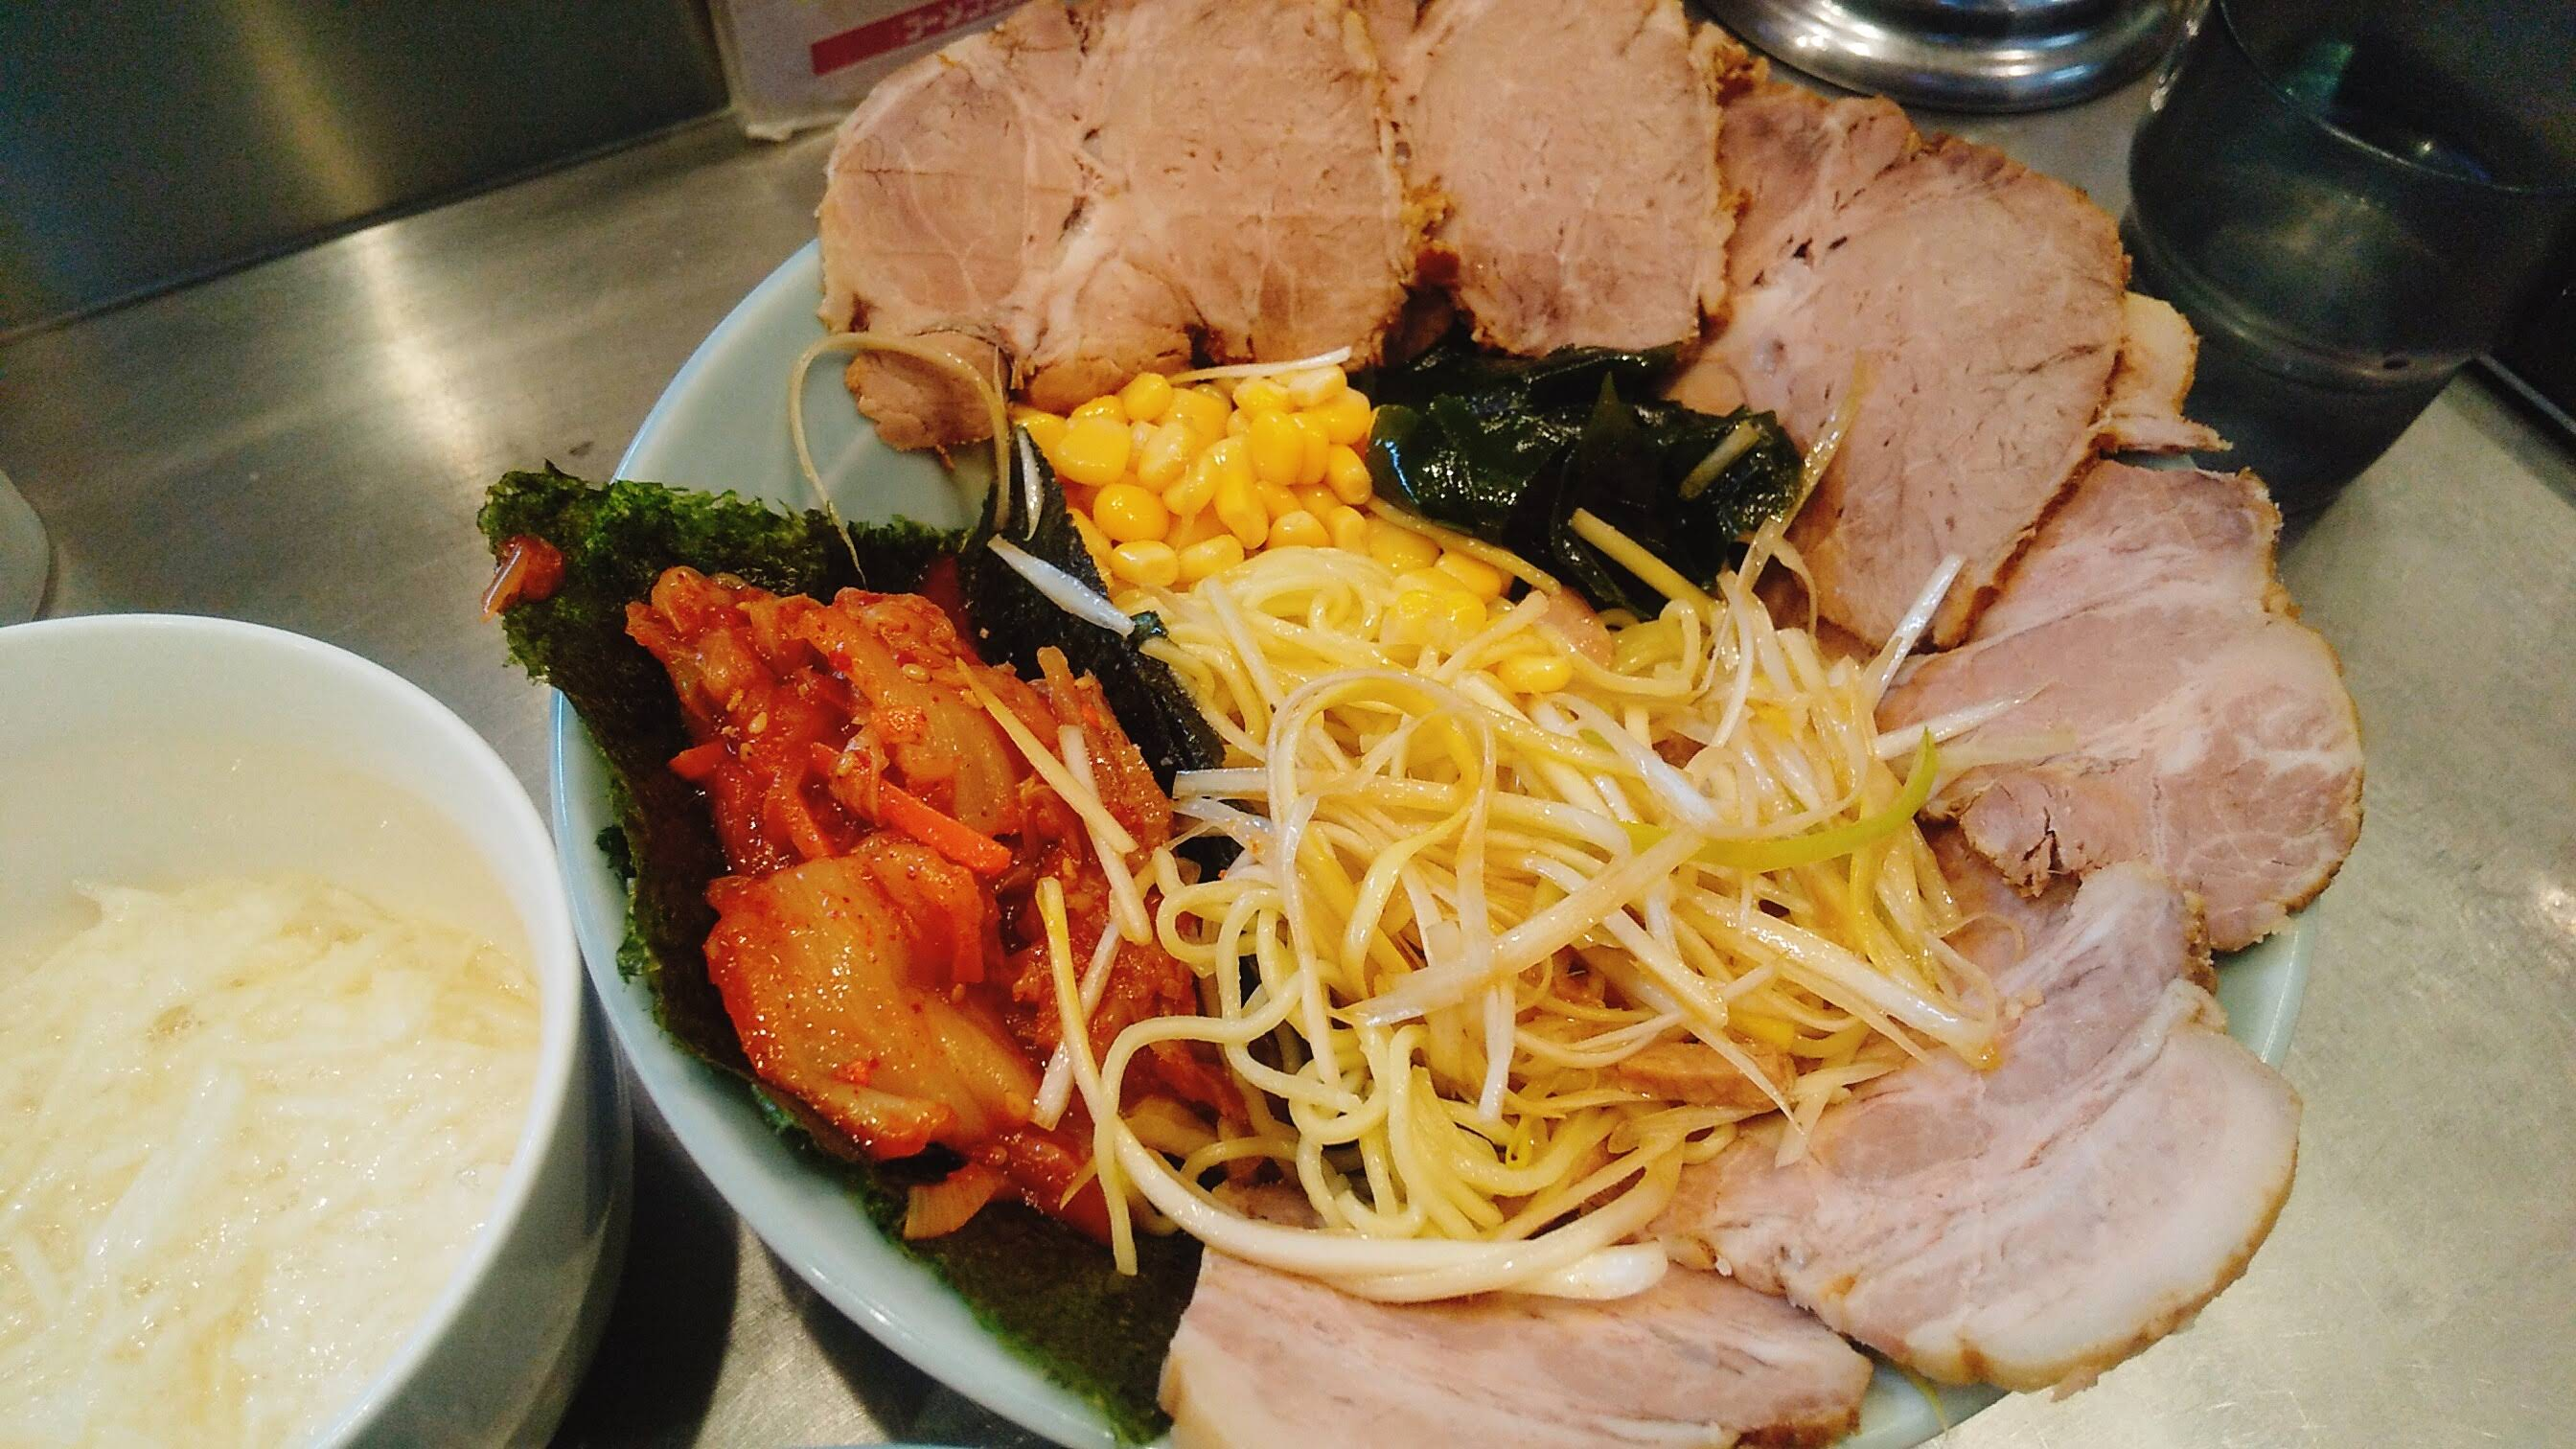 ラーメンショップ新守谷店のネギトロチャーシューキムチつけ麺の麺皿の中の写真